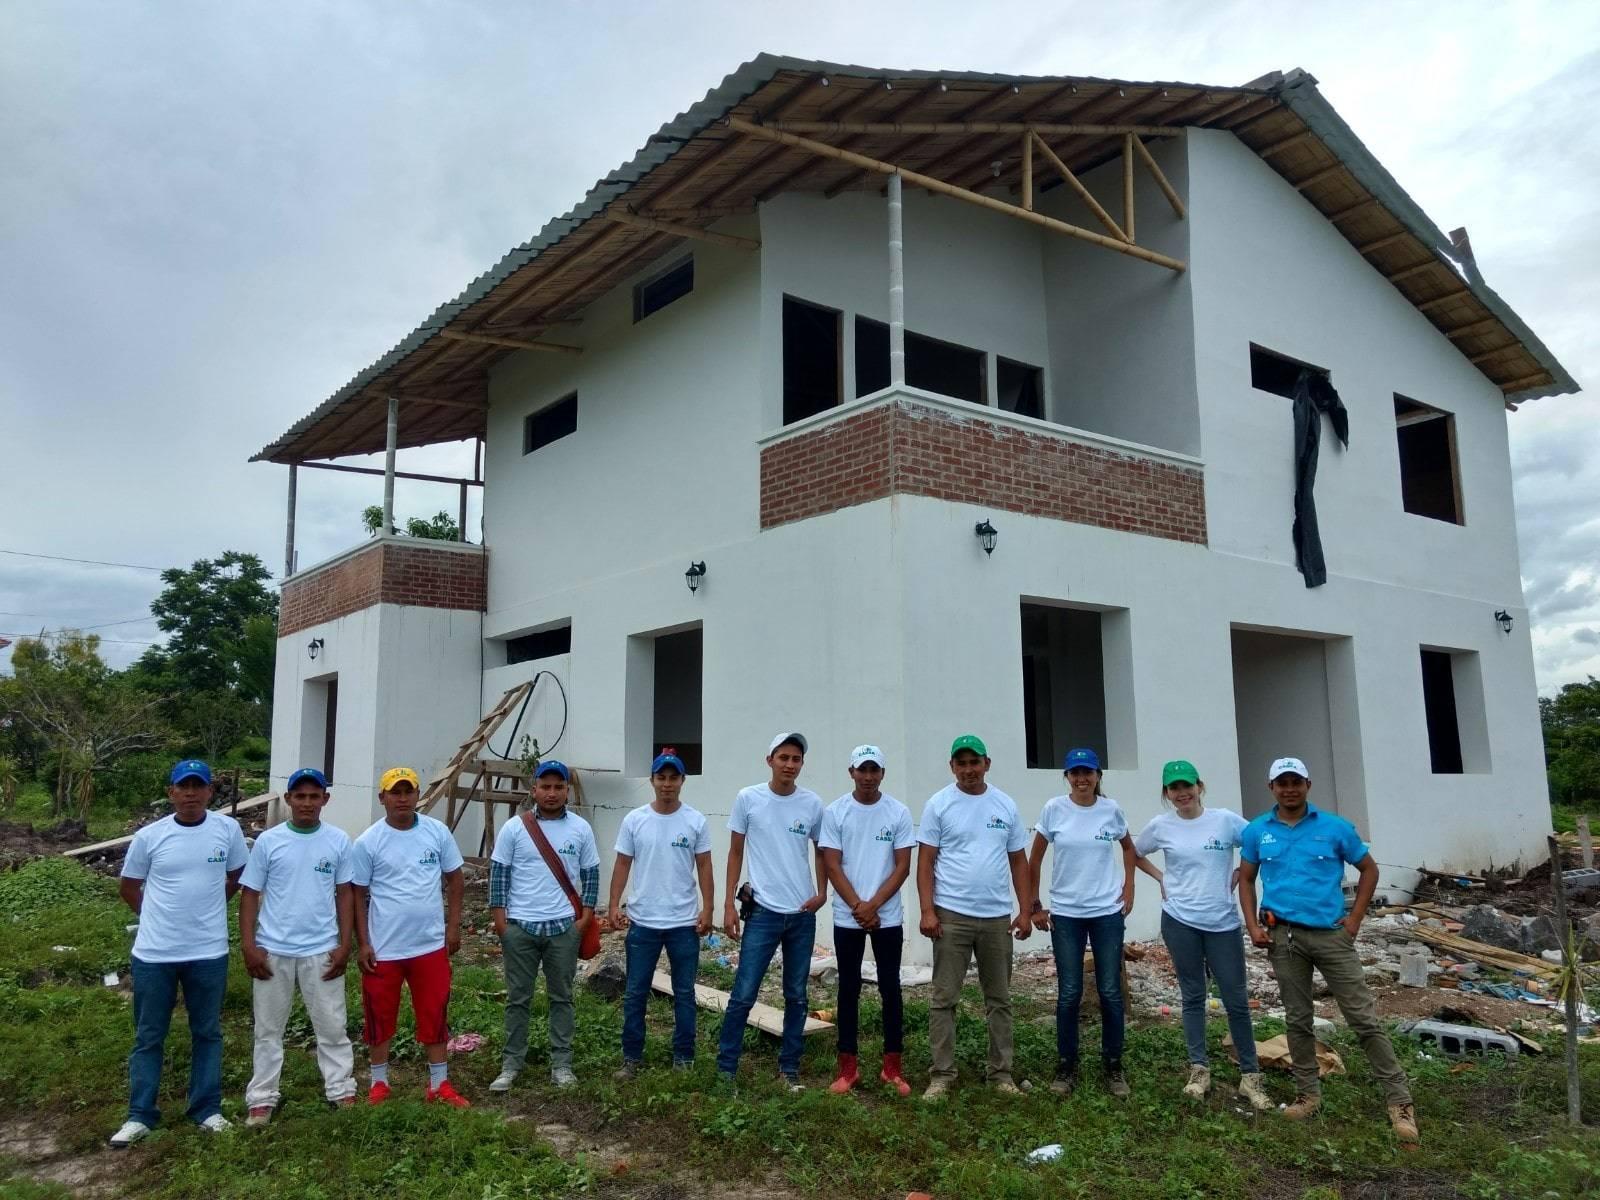 Contact Cassa en Guatemala